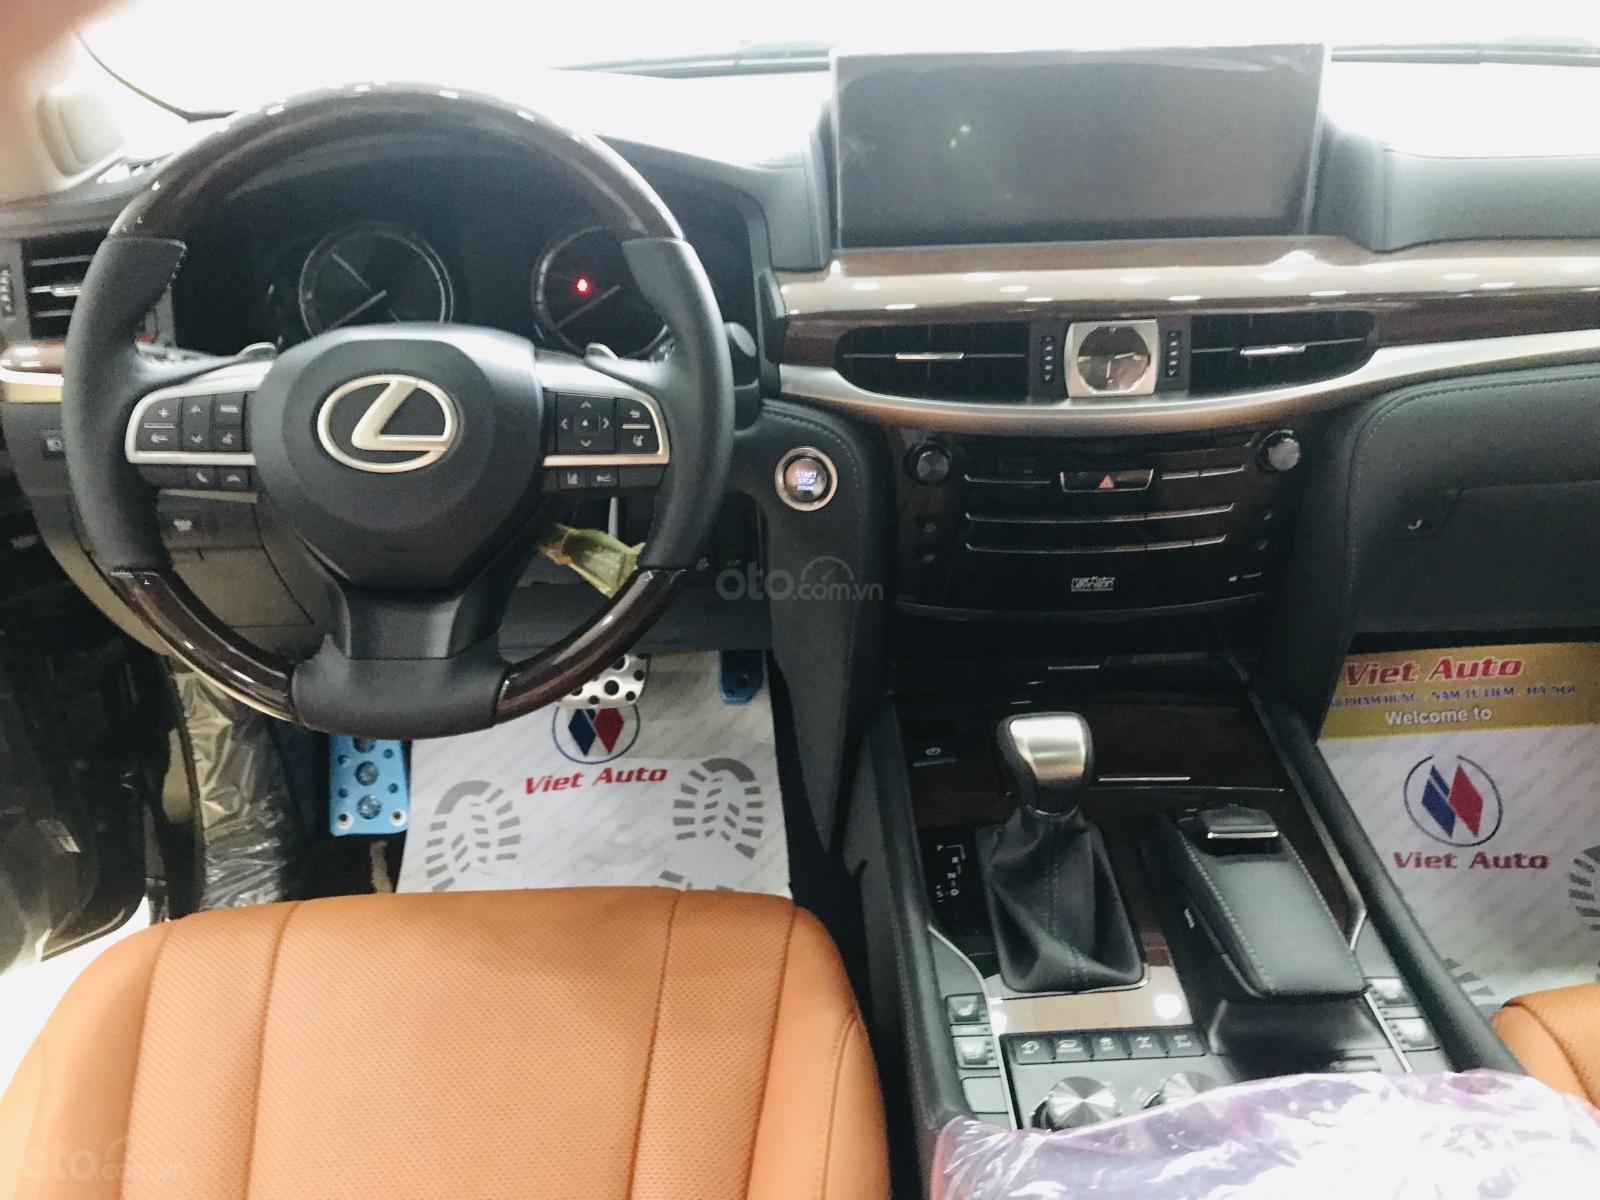 Bán Lexus LX570 Super Sport màu đen, sản xuất 2019, xe giao ngay, giá tốt - LH: 0906223838 (11)